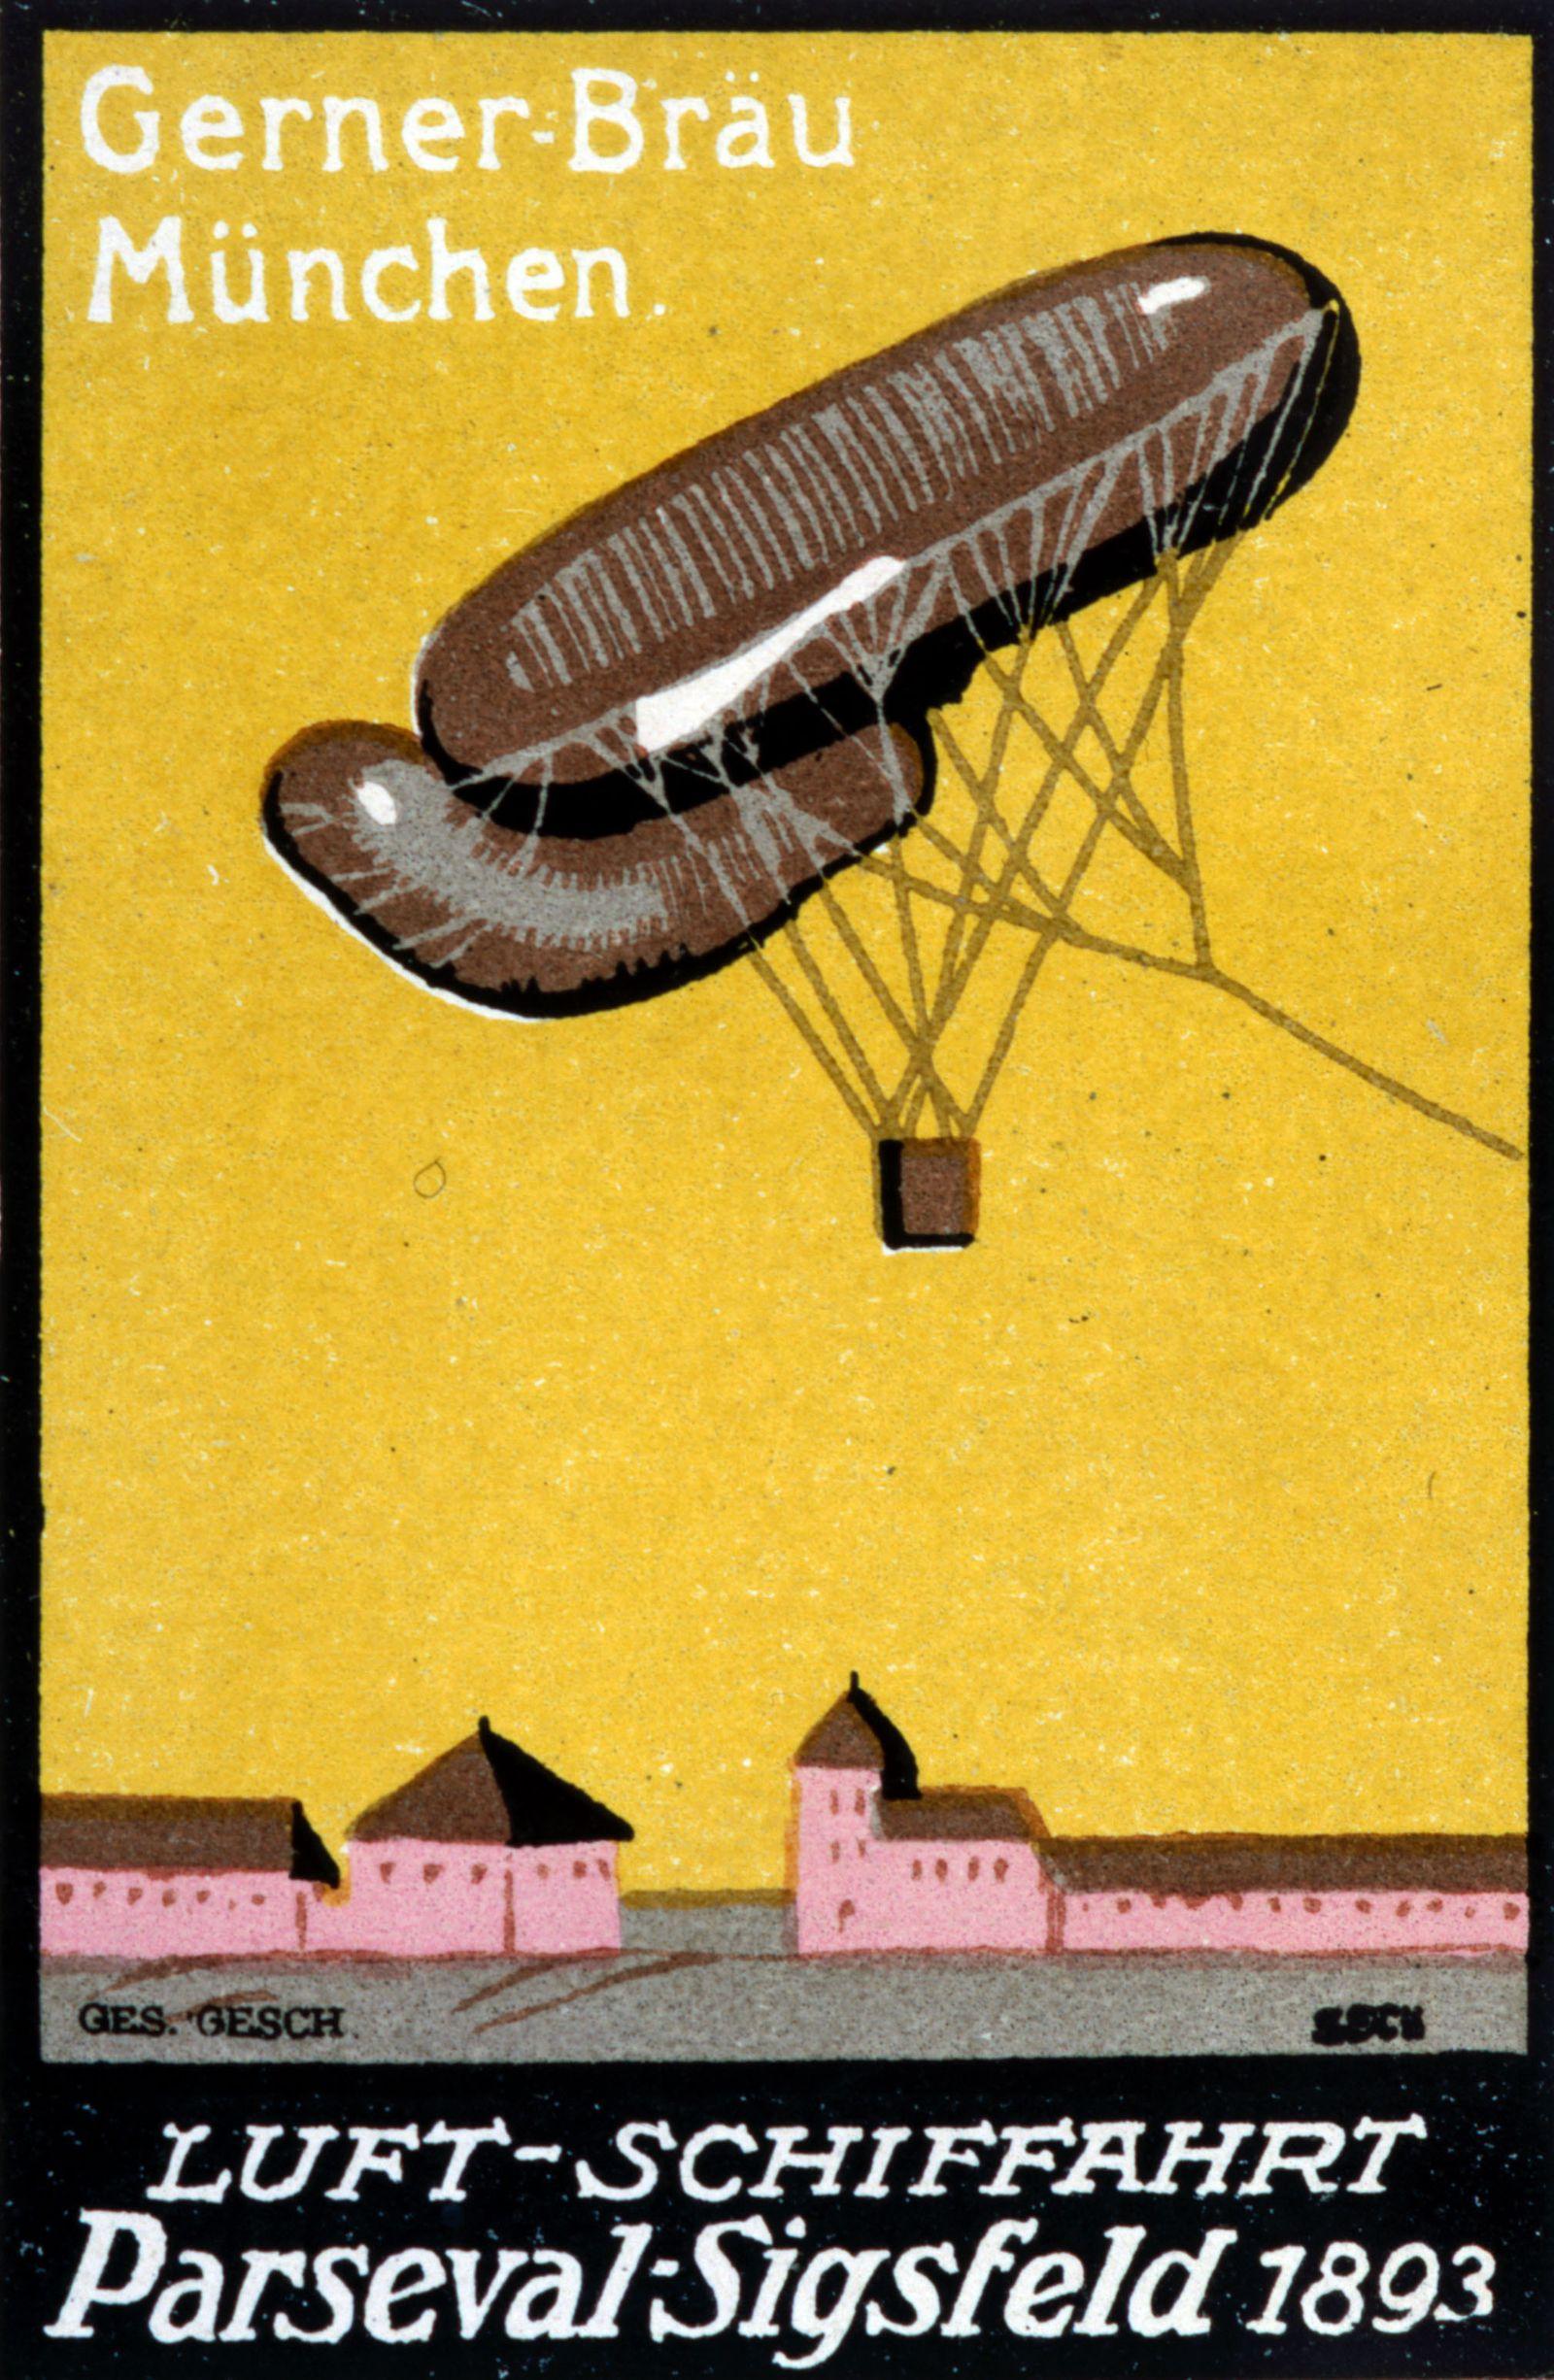 Aerostation Gerner-Brau, Munchen. Luft-Schiffahrt Parseval-Sigsfeld 1893 . Carte postale allemande representant un dirig